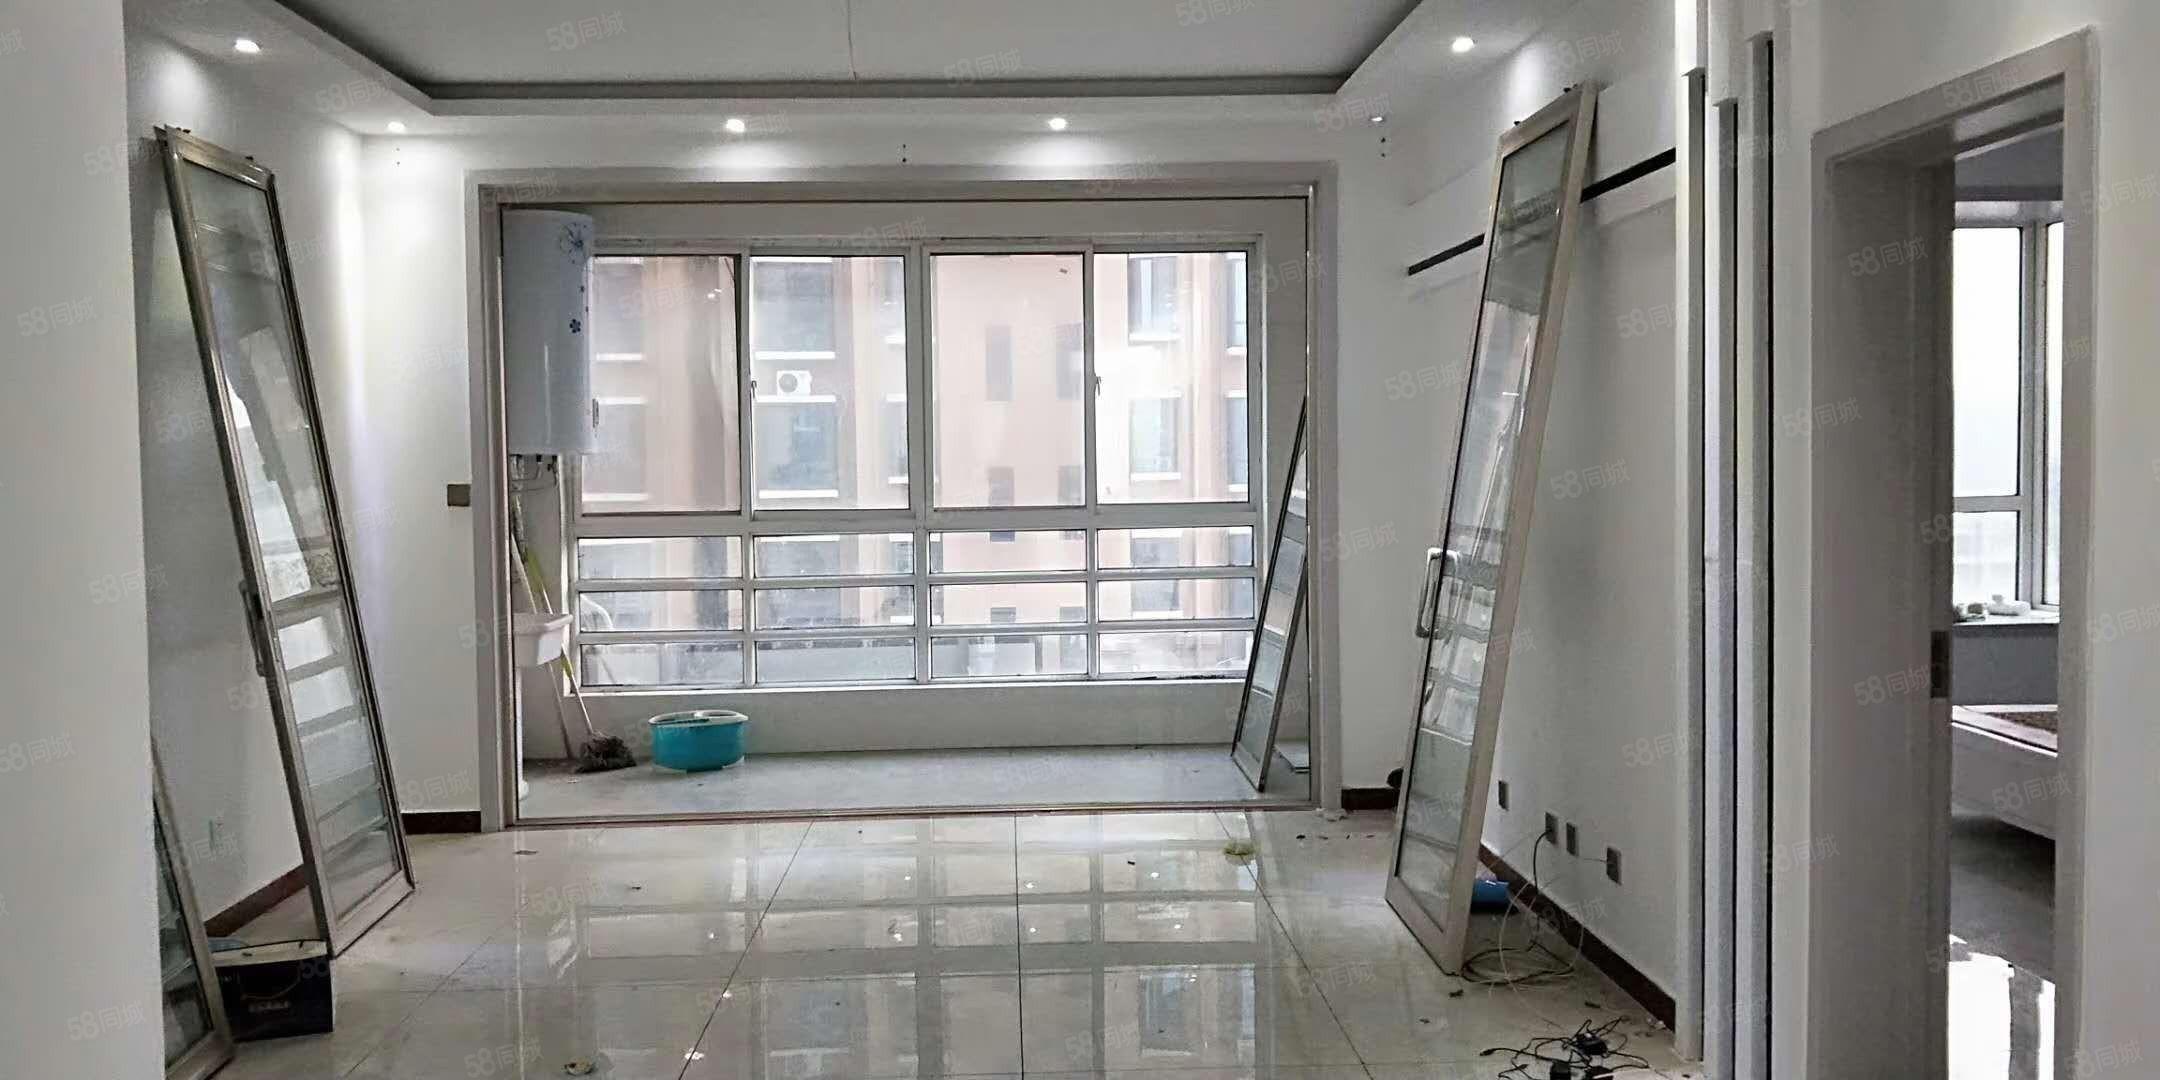 出售曼哈顿电梯4楼118平,3室2厅2卫精装,有储拎包入住